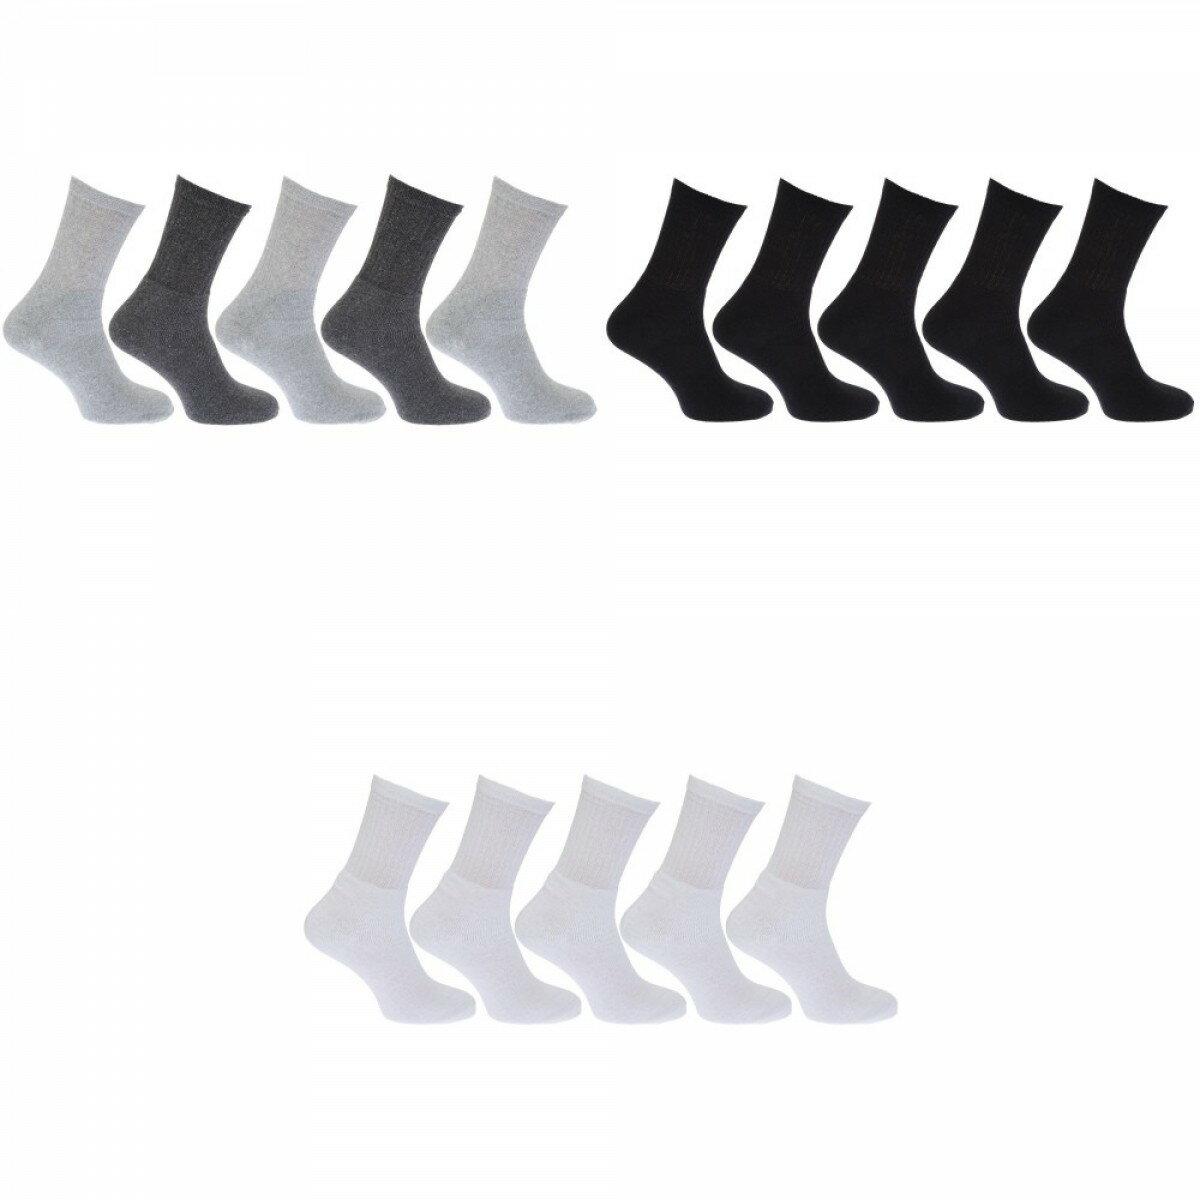 メンズ コットンリッチ スポーツソックス 靴下セット (5足組) 男性用 【楽天海外直送】